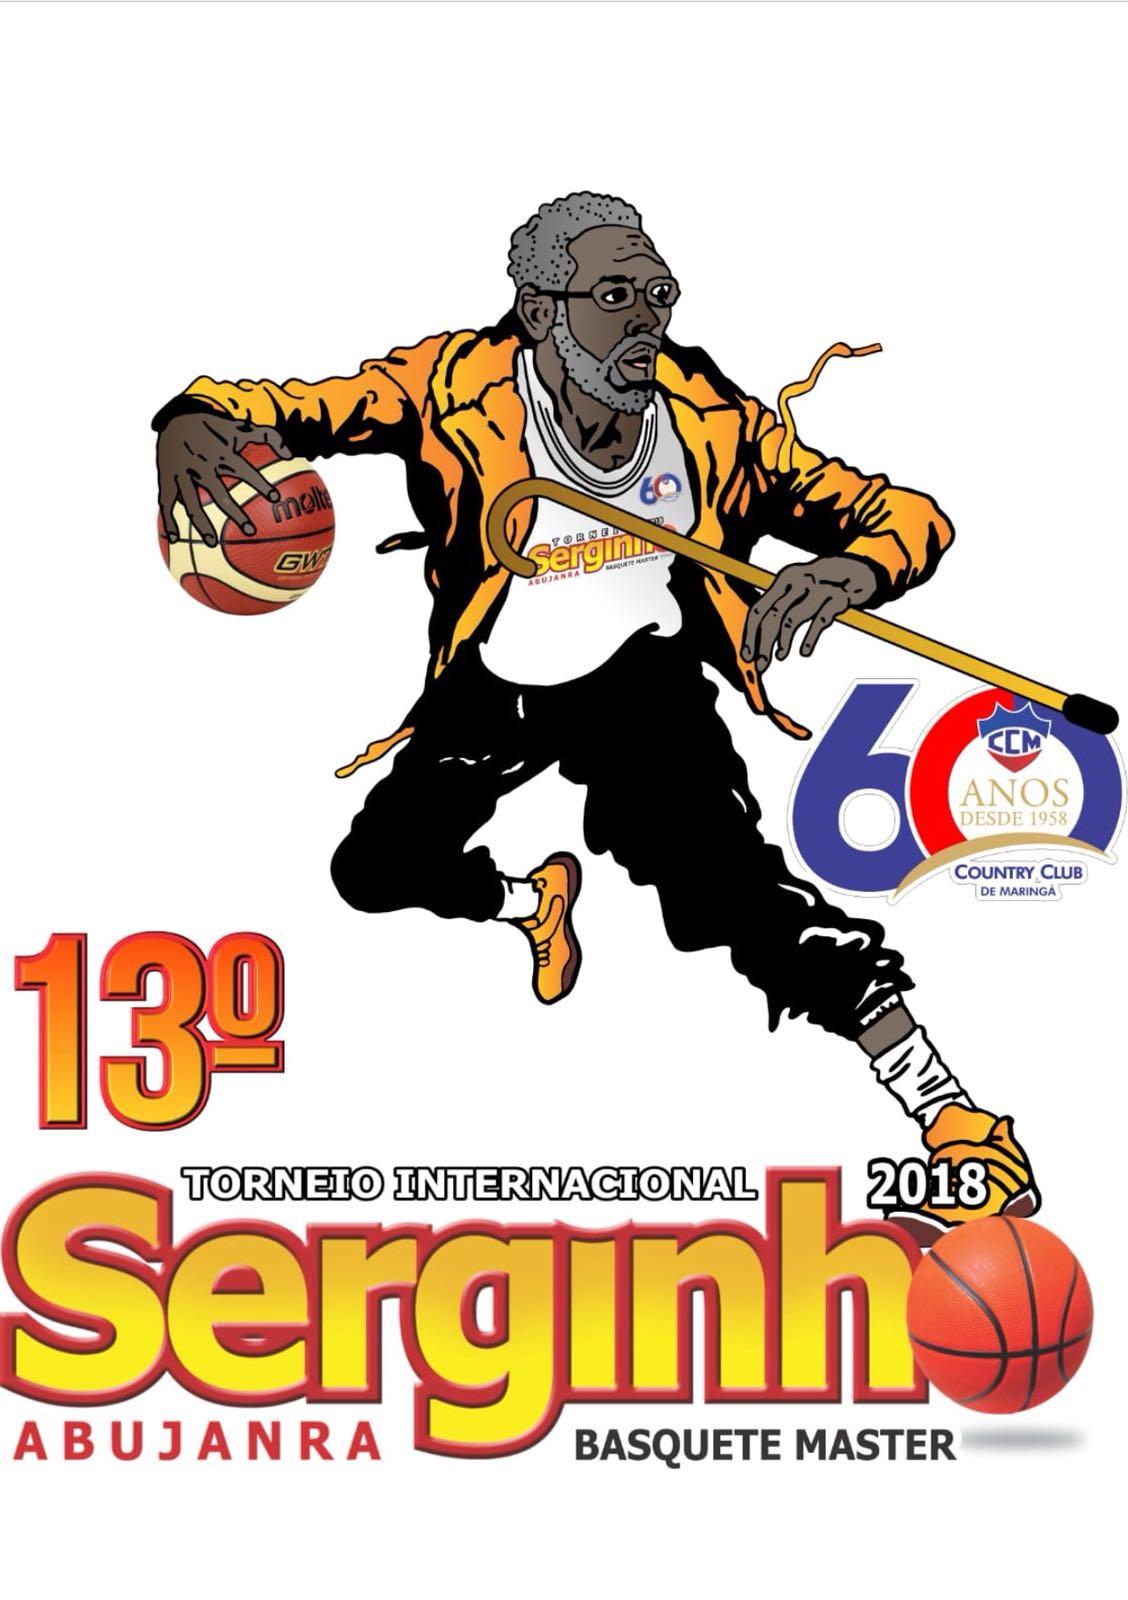 O 13° TORNEIO INTERNACIONAL SERGINHO ABUJANRA, ocorrerá de 06 a 09 de setembro no Ginasio de Esportes do Country Club de Maringá.